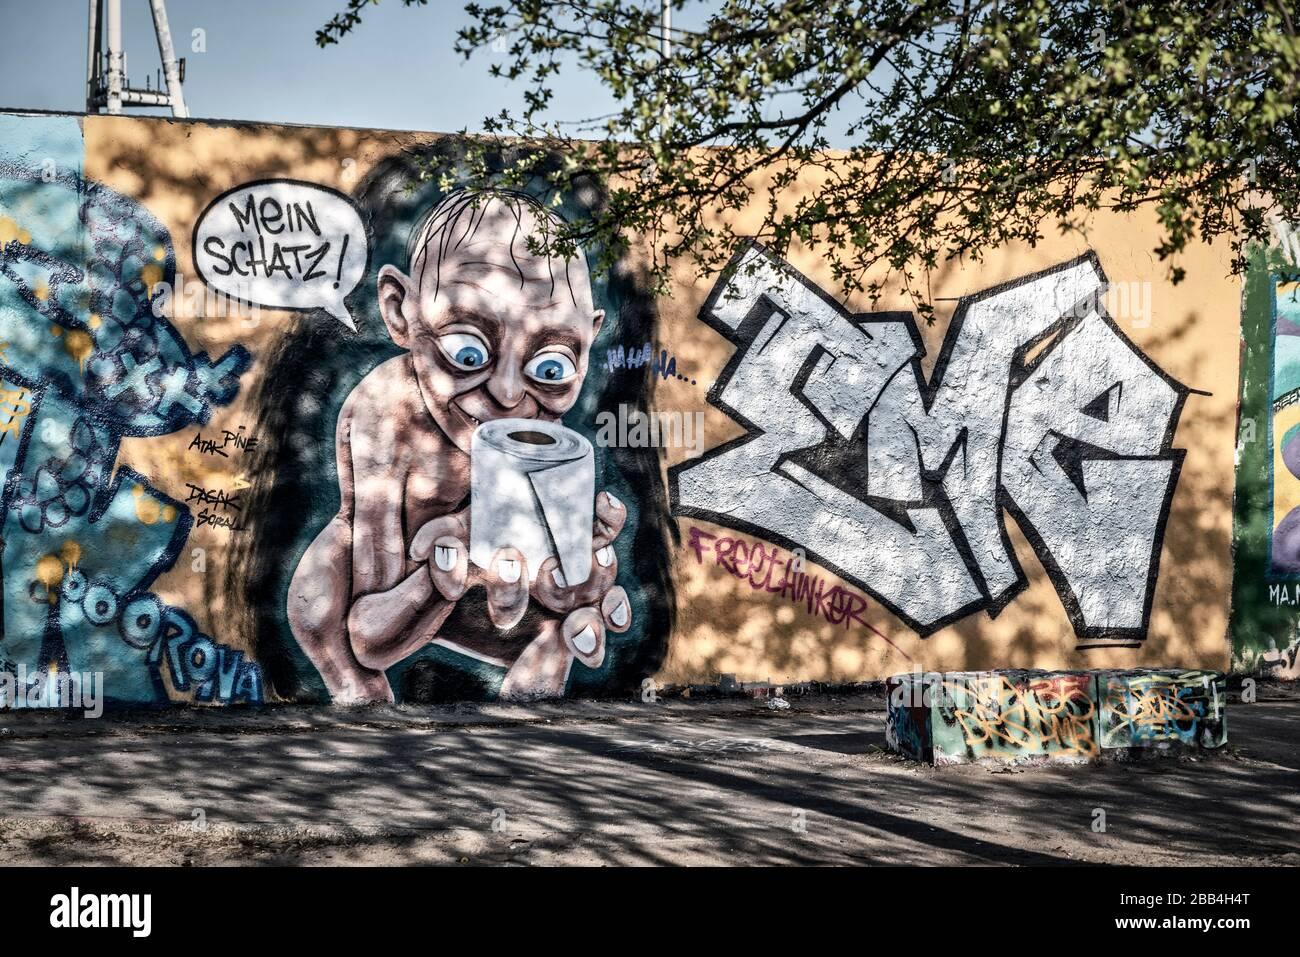 """Graffiti Gollum aus Herr der Ringe mit Klopapier und Sprechblase """" Mein Schatz """" anlaesslich der Corona Krise im  Mauerpark in Berlin Prenzlauer Berg Stock Photo"""